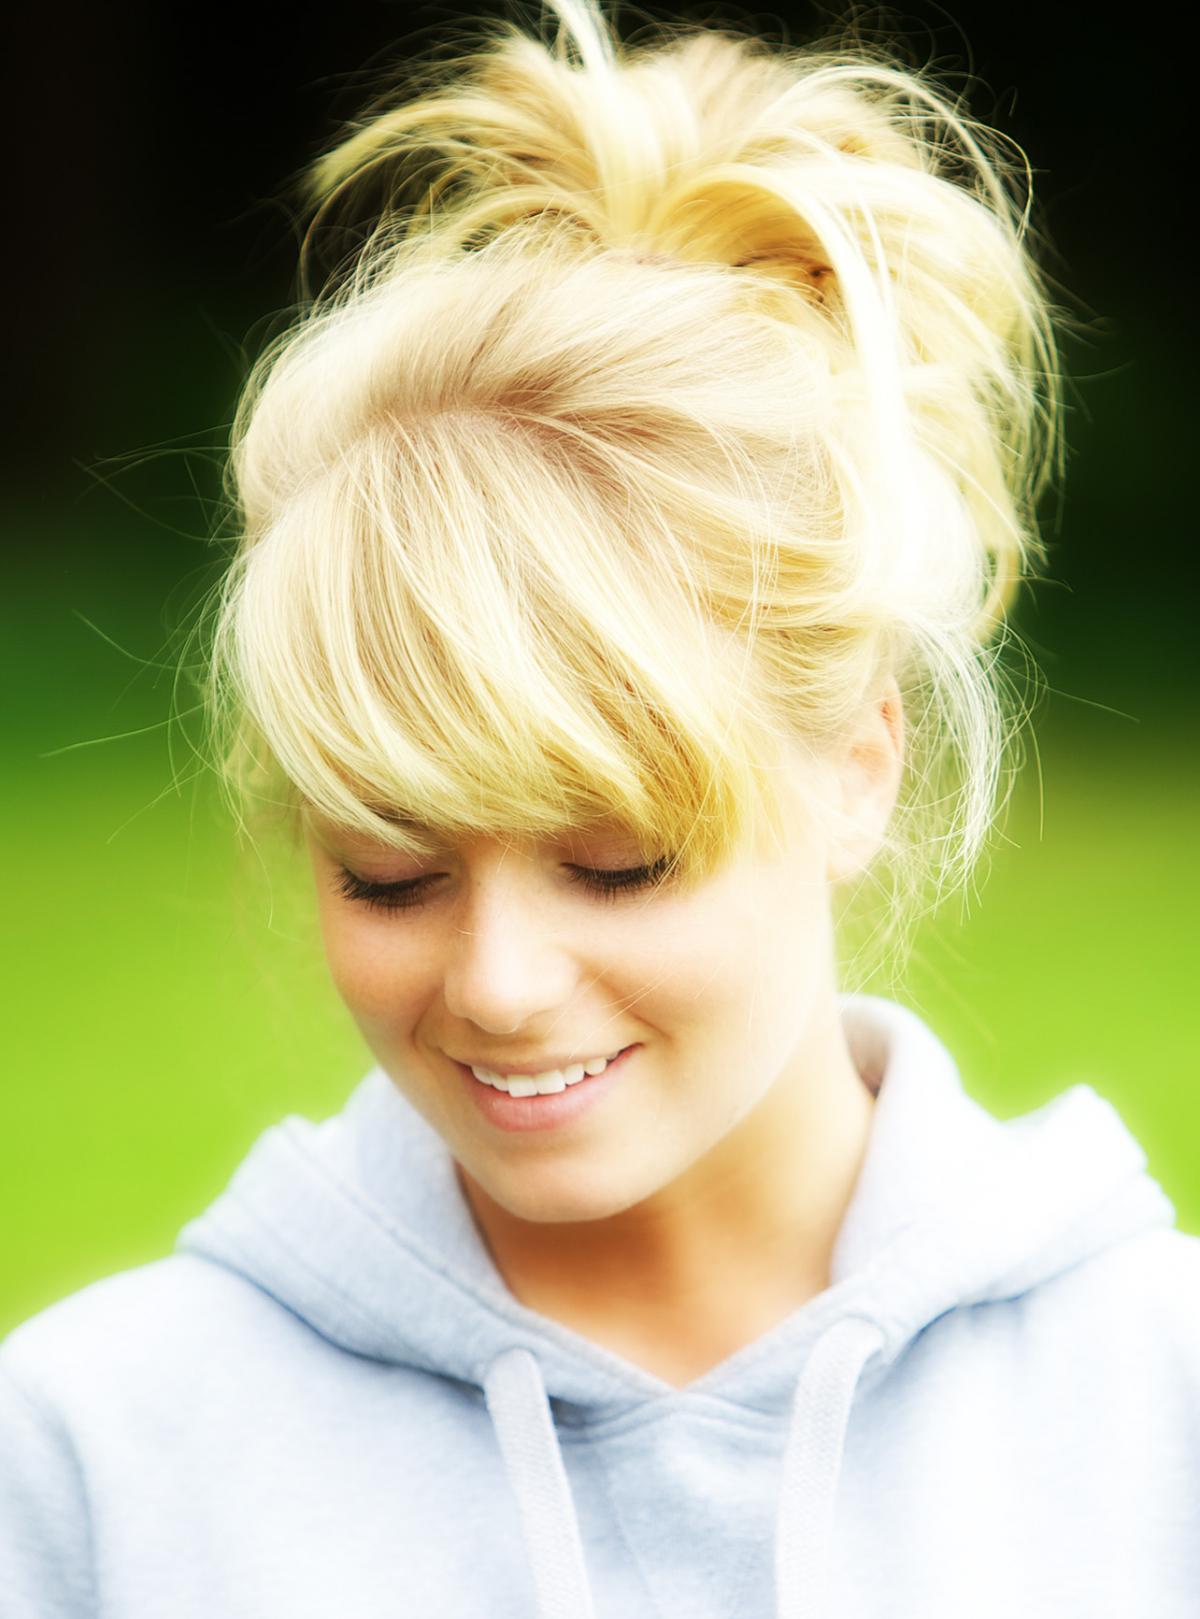 Blond Portrait Attractive #51634